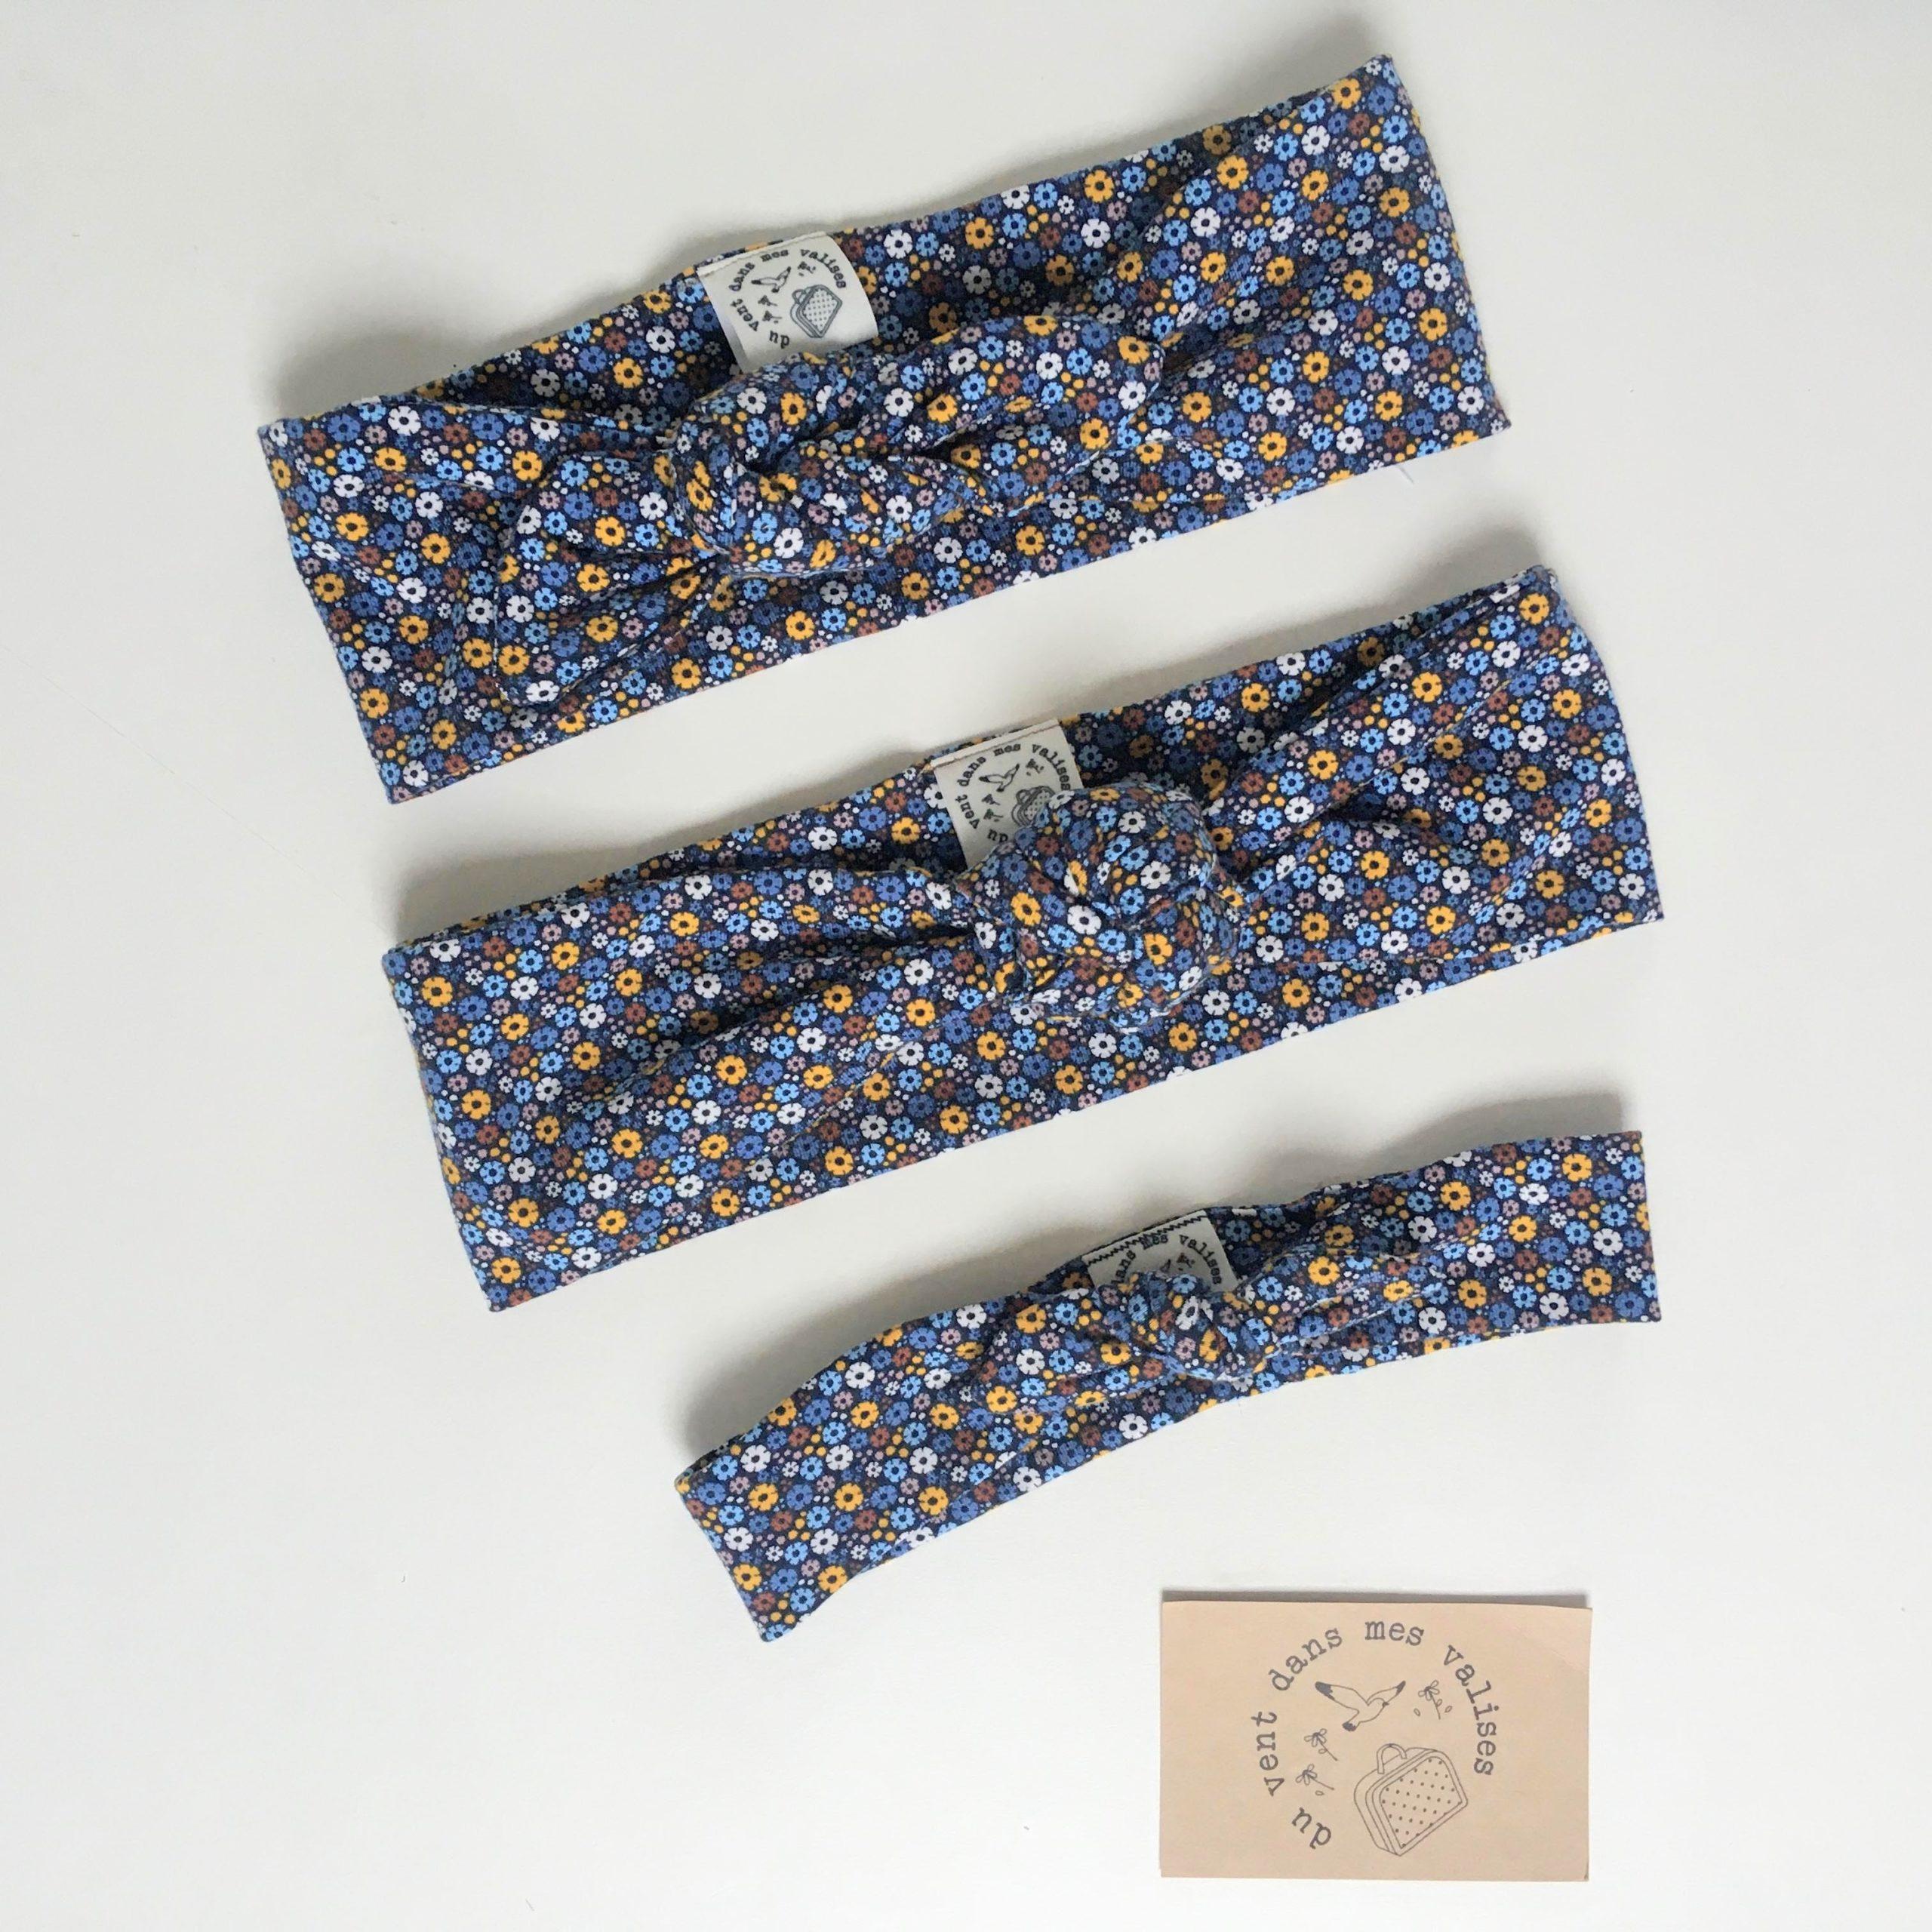 bandeau bébé personnalisé doux et extensible made in France - du vent dans mes valises